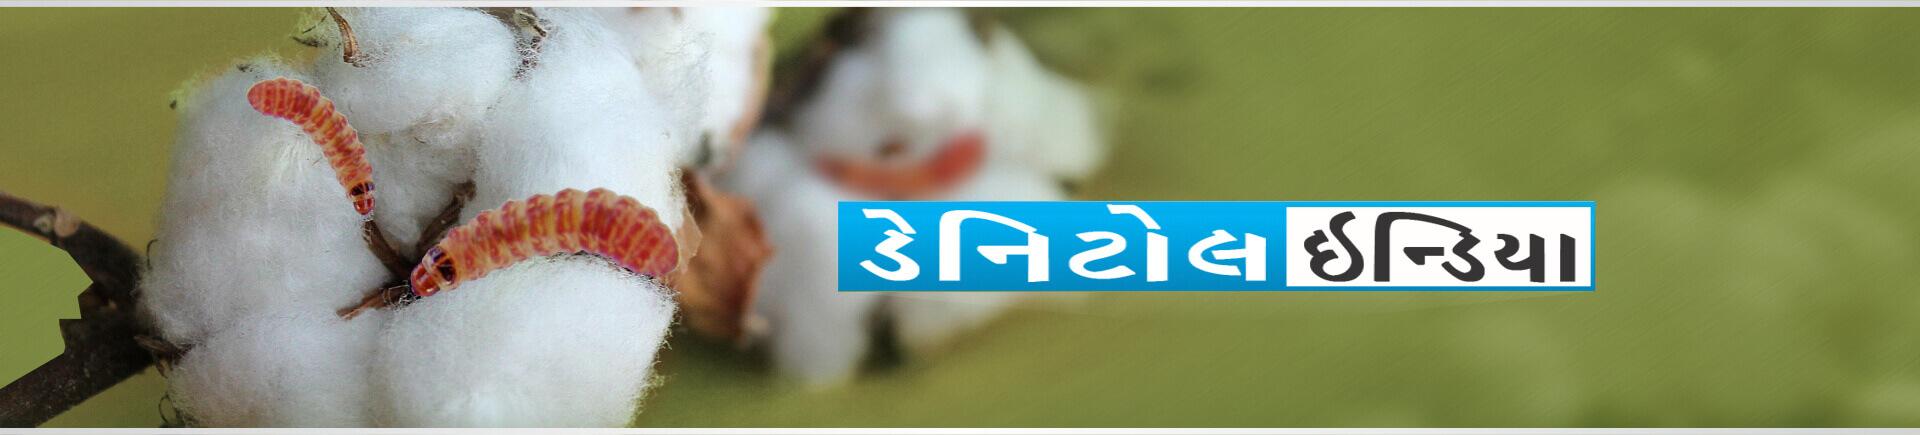 Sumitomo Danitol Website banner guj